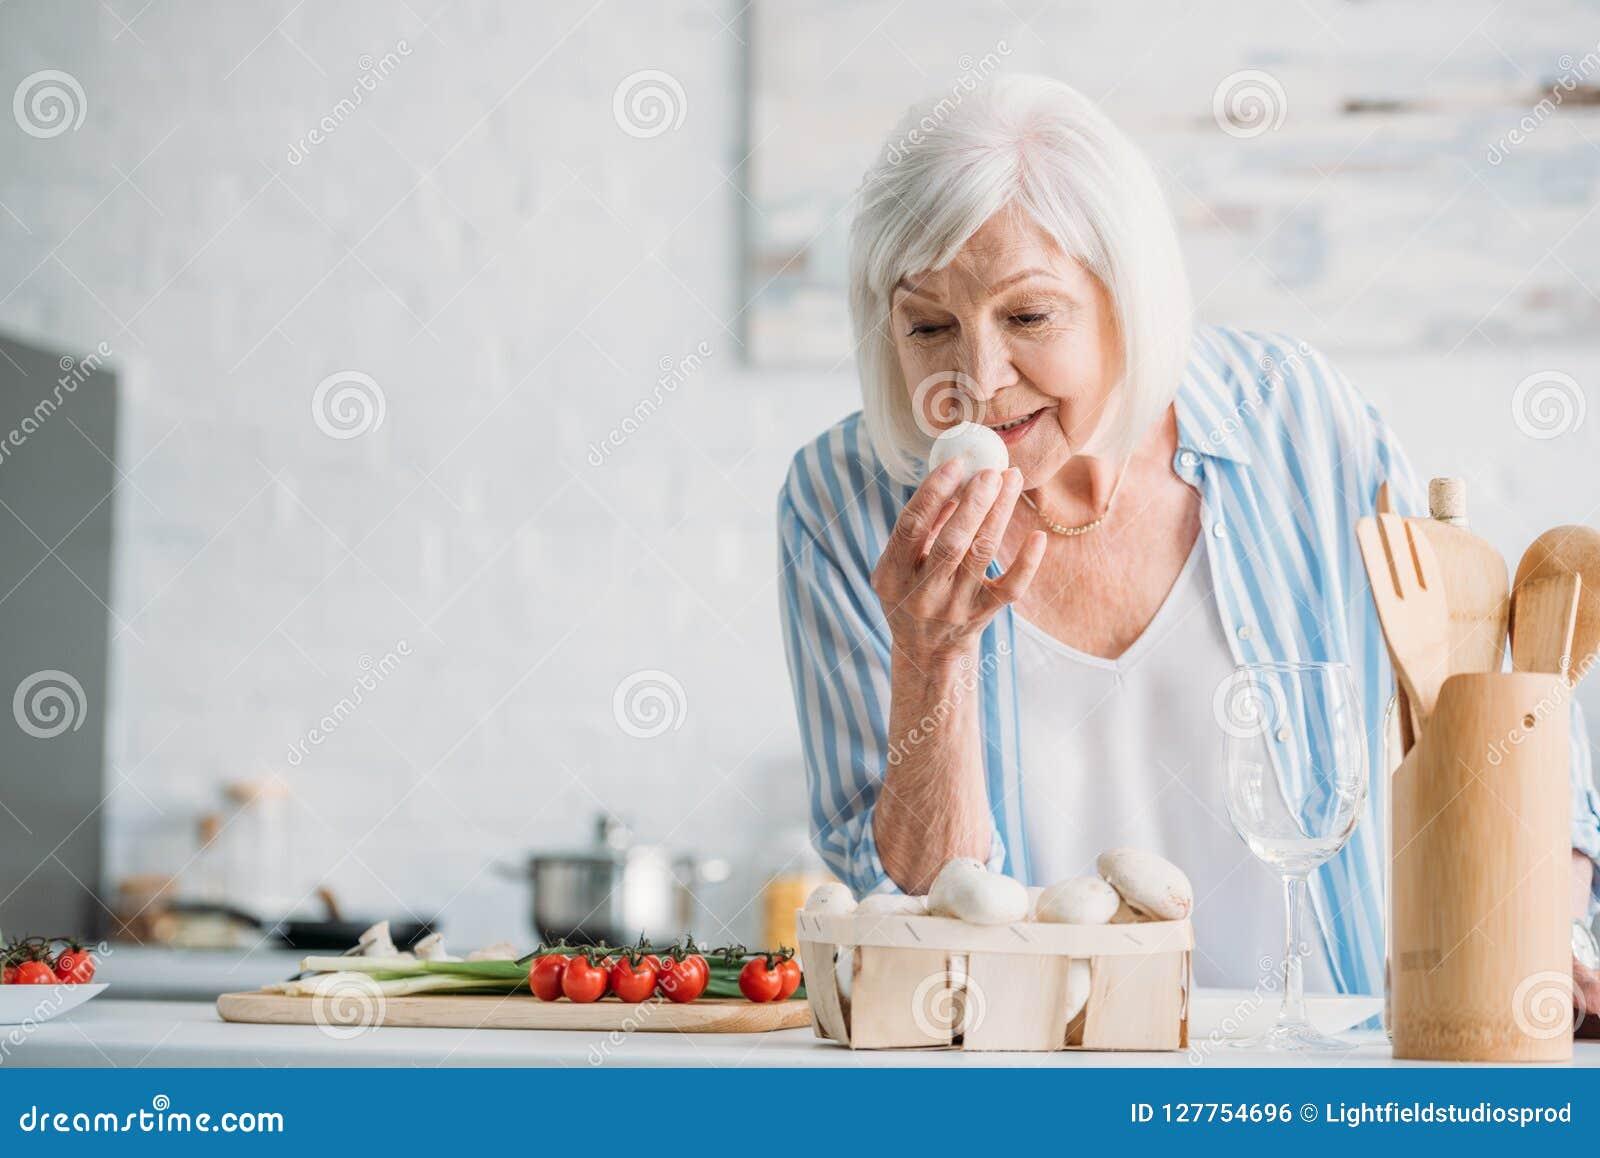 Portret popielata włosiana dama sprawdza pieczarki przy kontuarem podczas gdy kulinarny gość restauracji